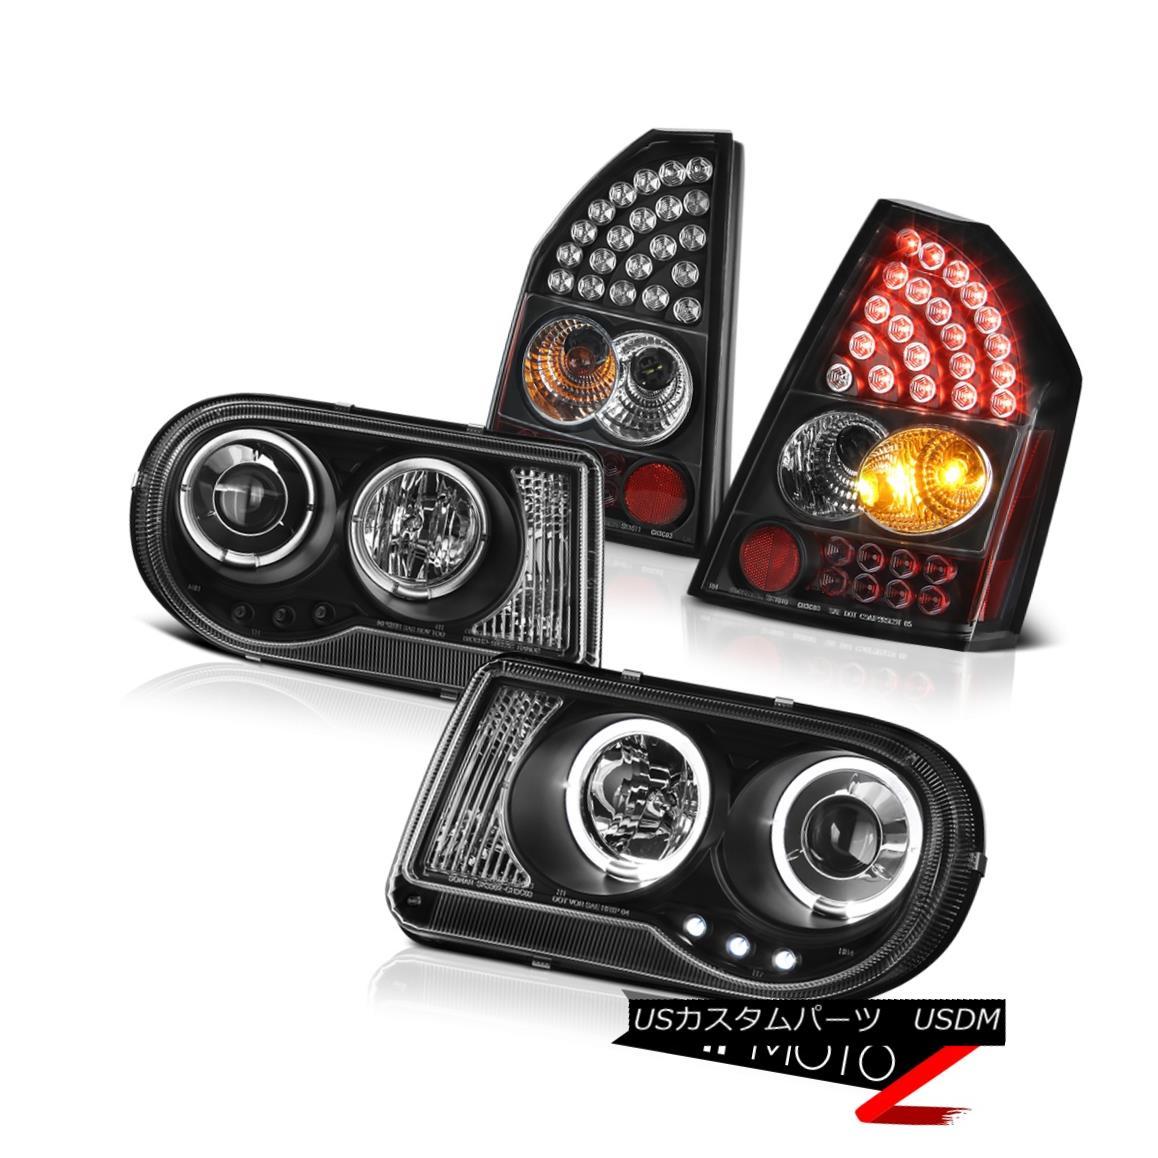 テールライト 2008-2010 Chrysler 300C SRT8 2X Angel Eye Projector Headlights L.E.D Tail Lights 2008-2010クライスラー300C SRT8 2XエンジェルアイプロジェクターヘッドライトL.E.Dテールライト